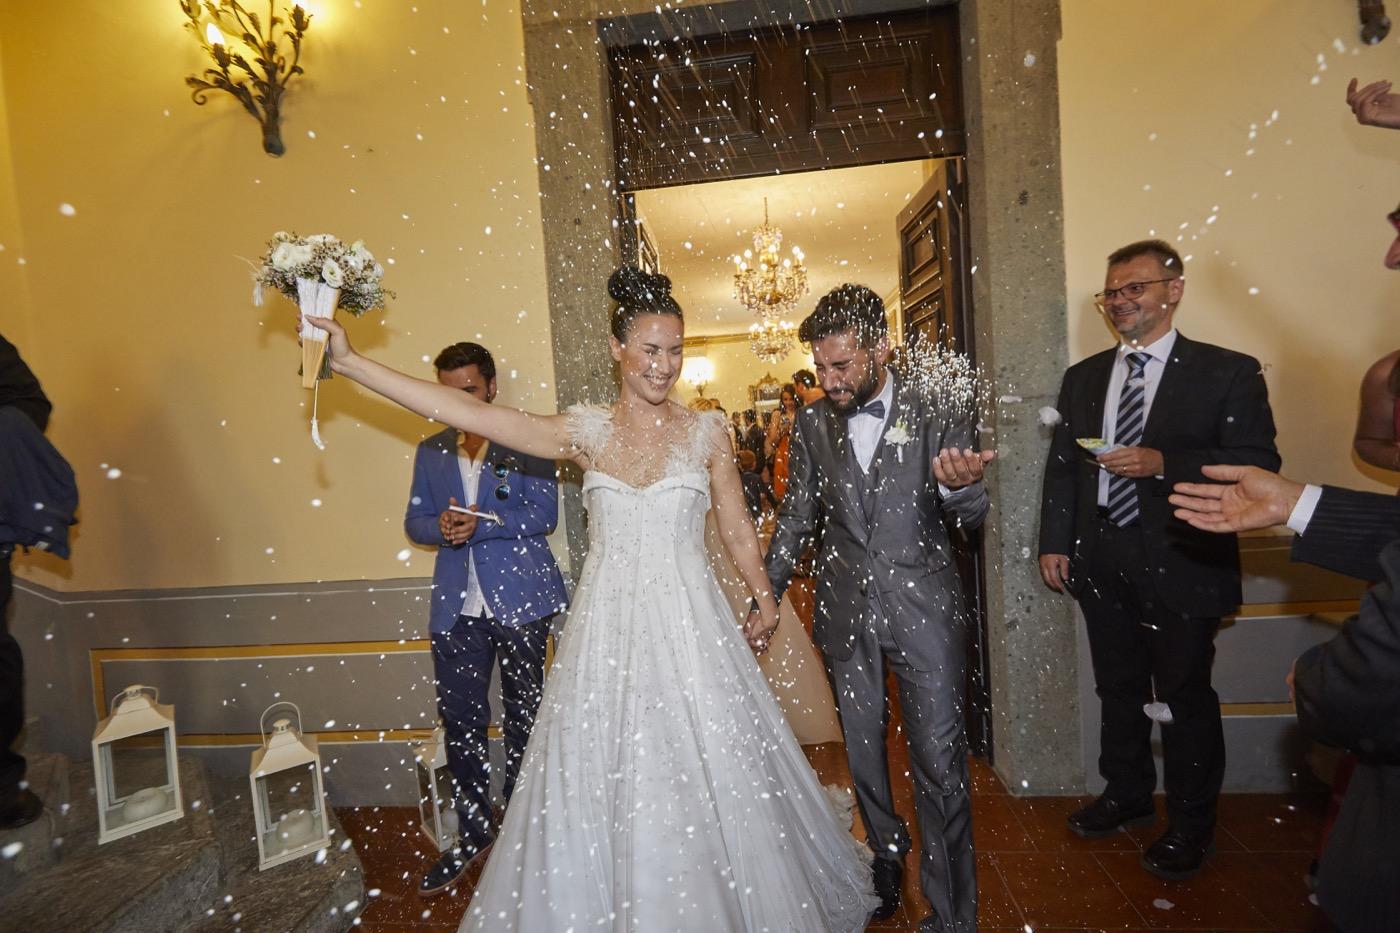 Claudio-Coppola-wedding-photographer-villa-del-cardinale-rocca-di-papa-castel-gandolfo-47